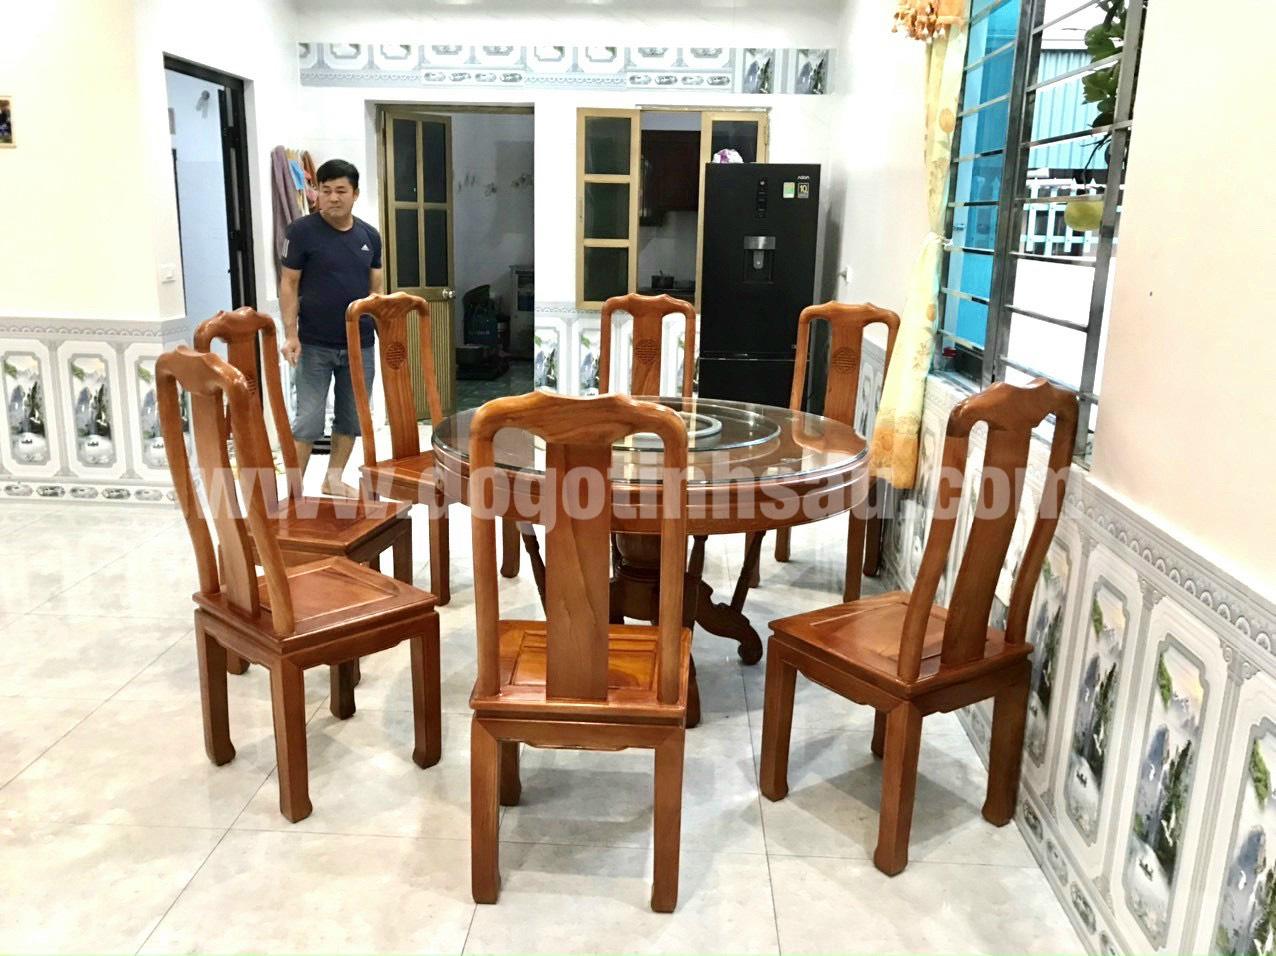 gia bo ban ghe an go go do - 5 Lý do để mẫu bàn ghế ăn gỗ gõ đỏ ngày càng được ưa chuộng trên thị trường